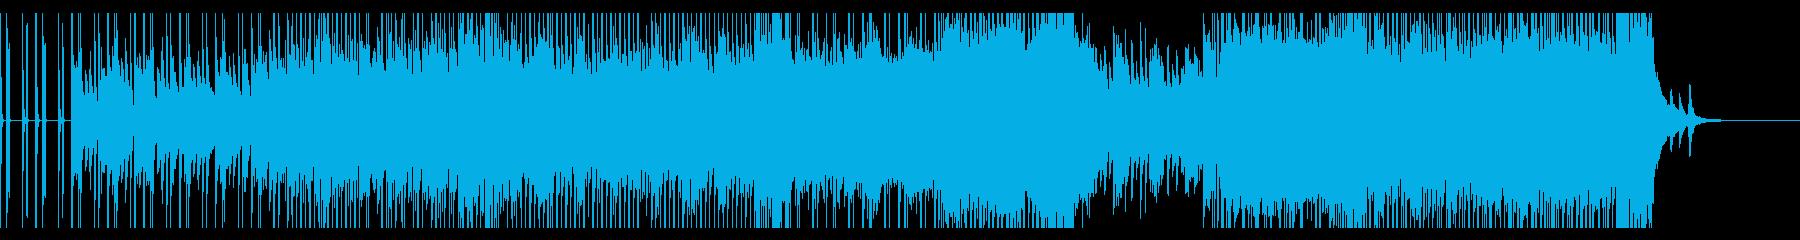 可愛らしい雰囲気のテクノポップの再生済みの波形